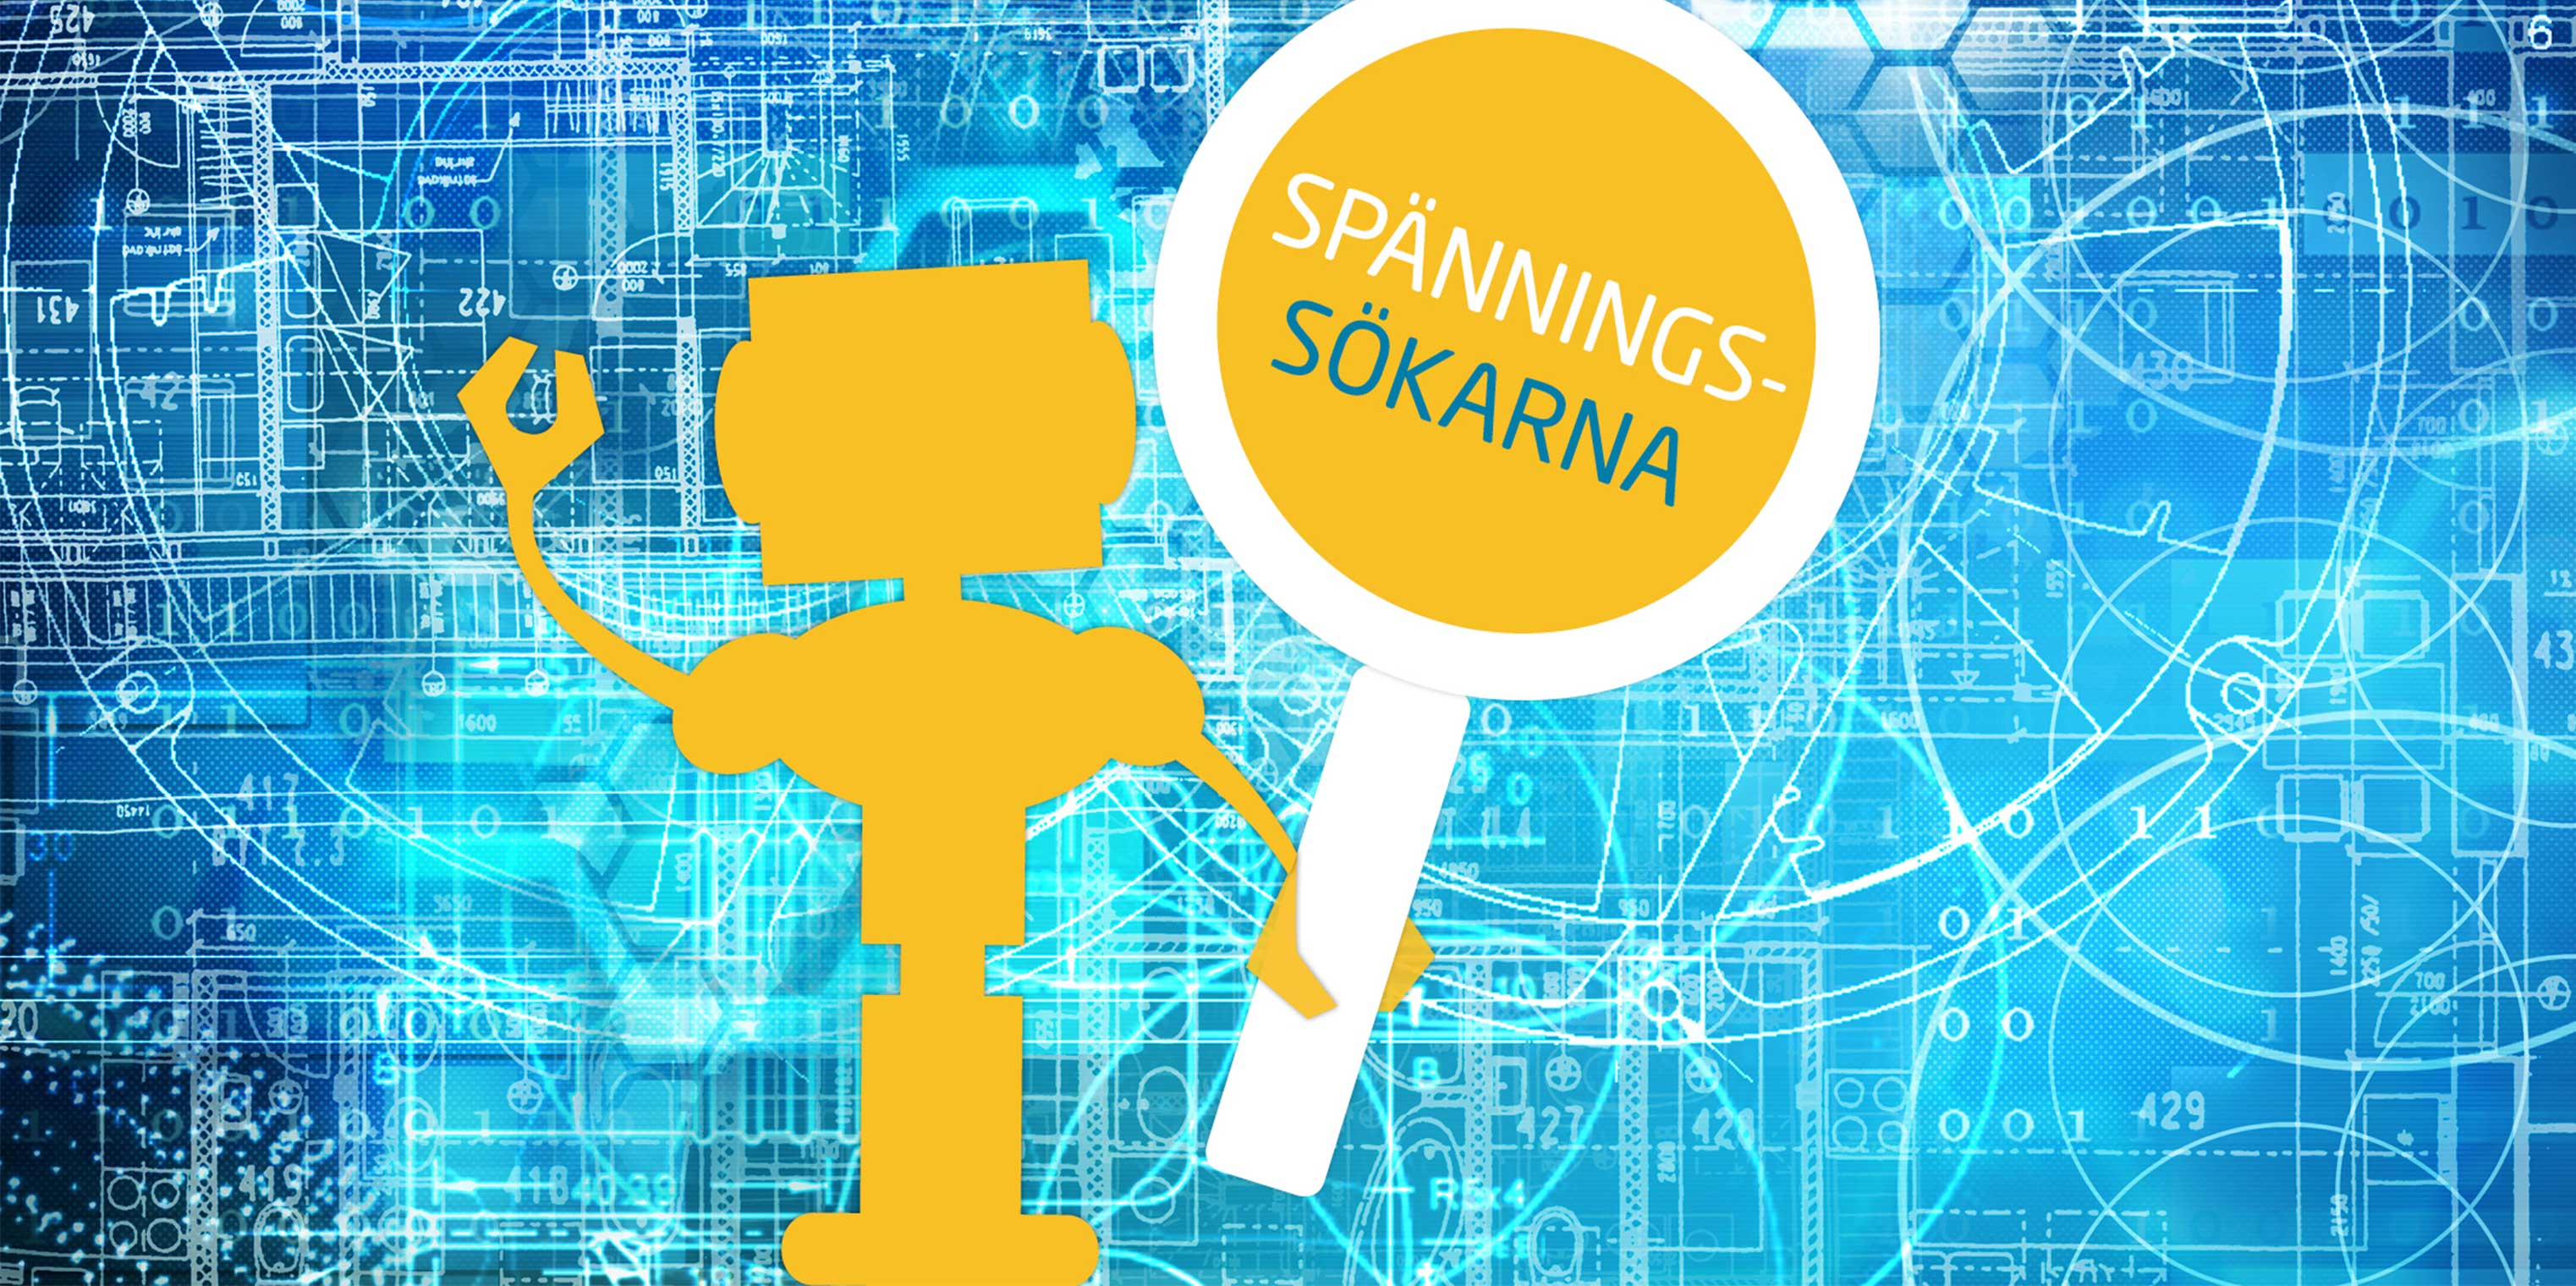 spanninssokarna_intro